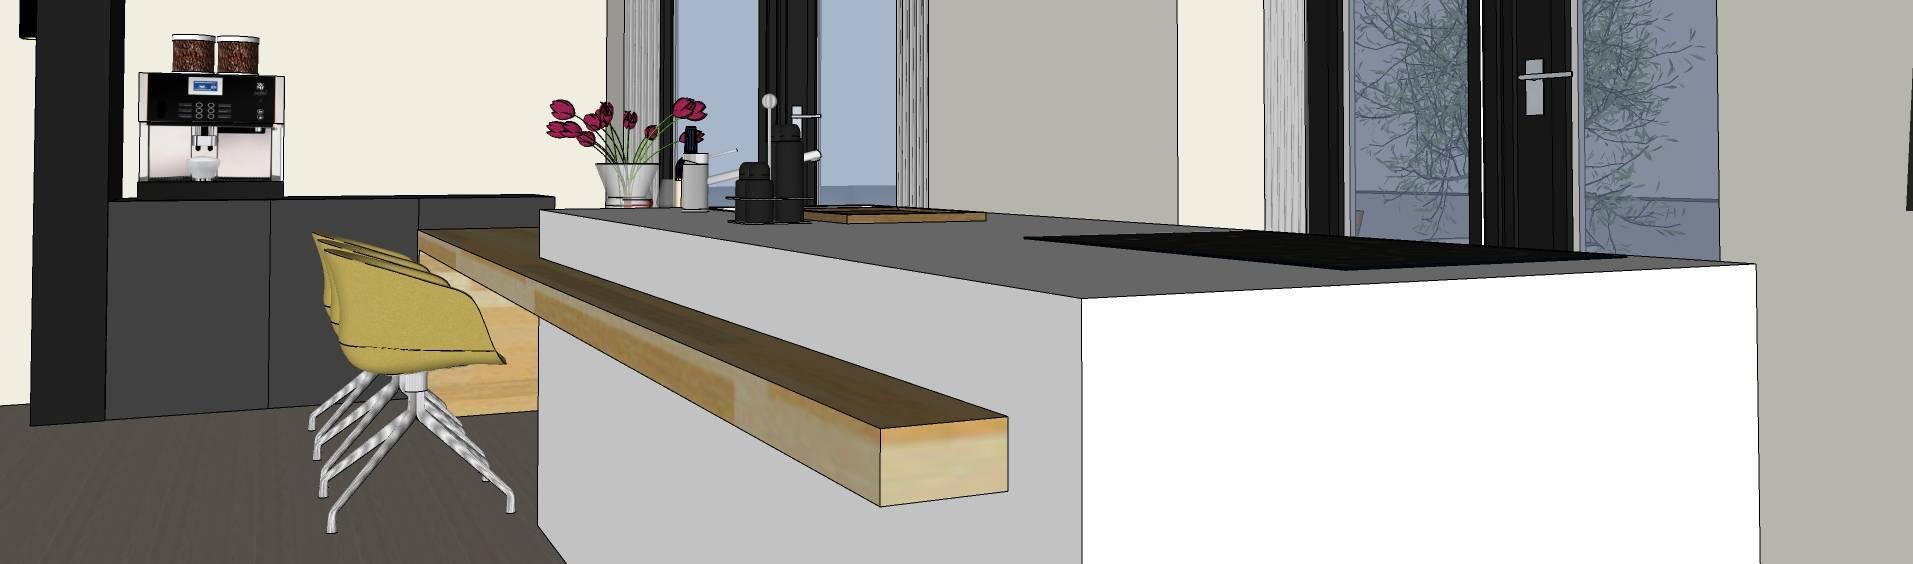 Huyze de Tulp interieurdesign